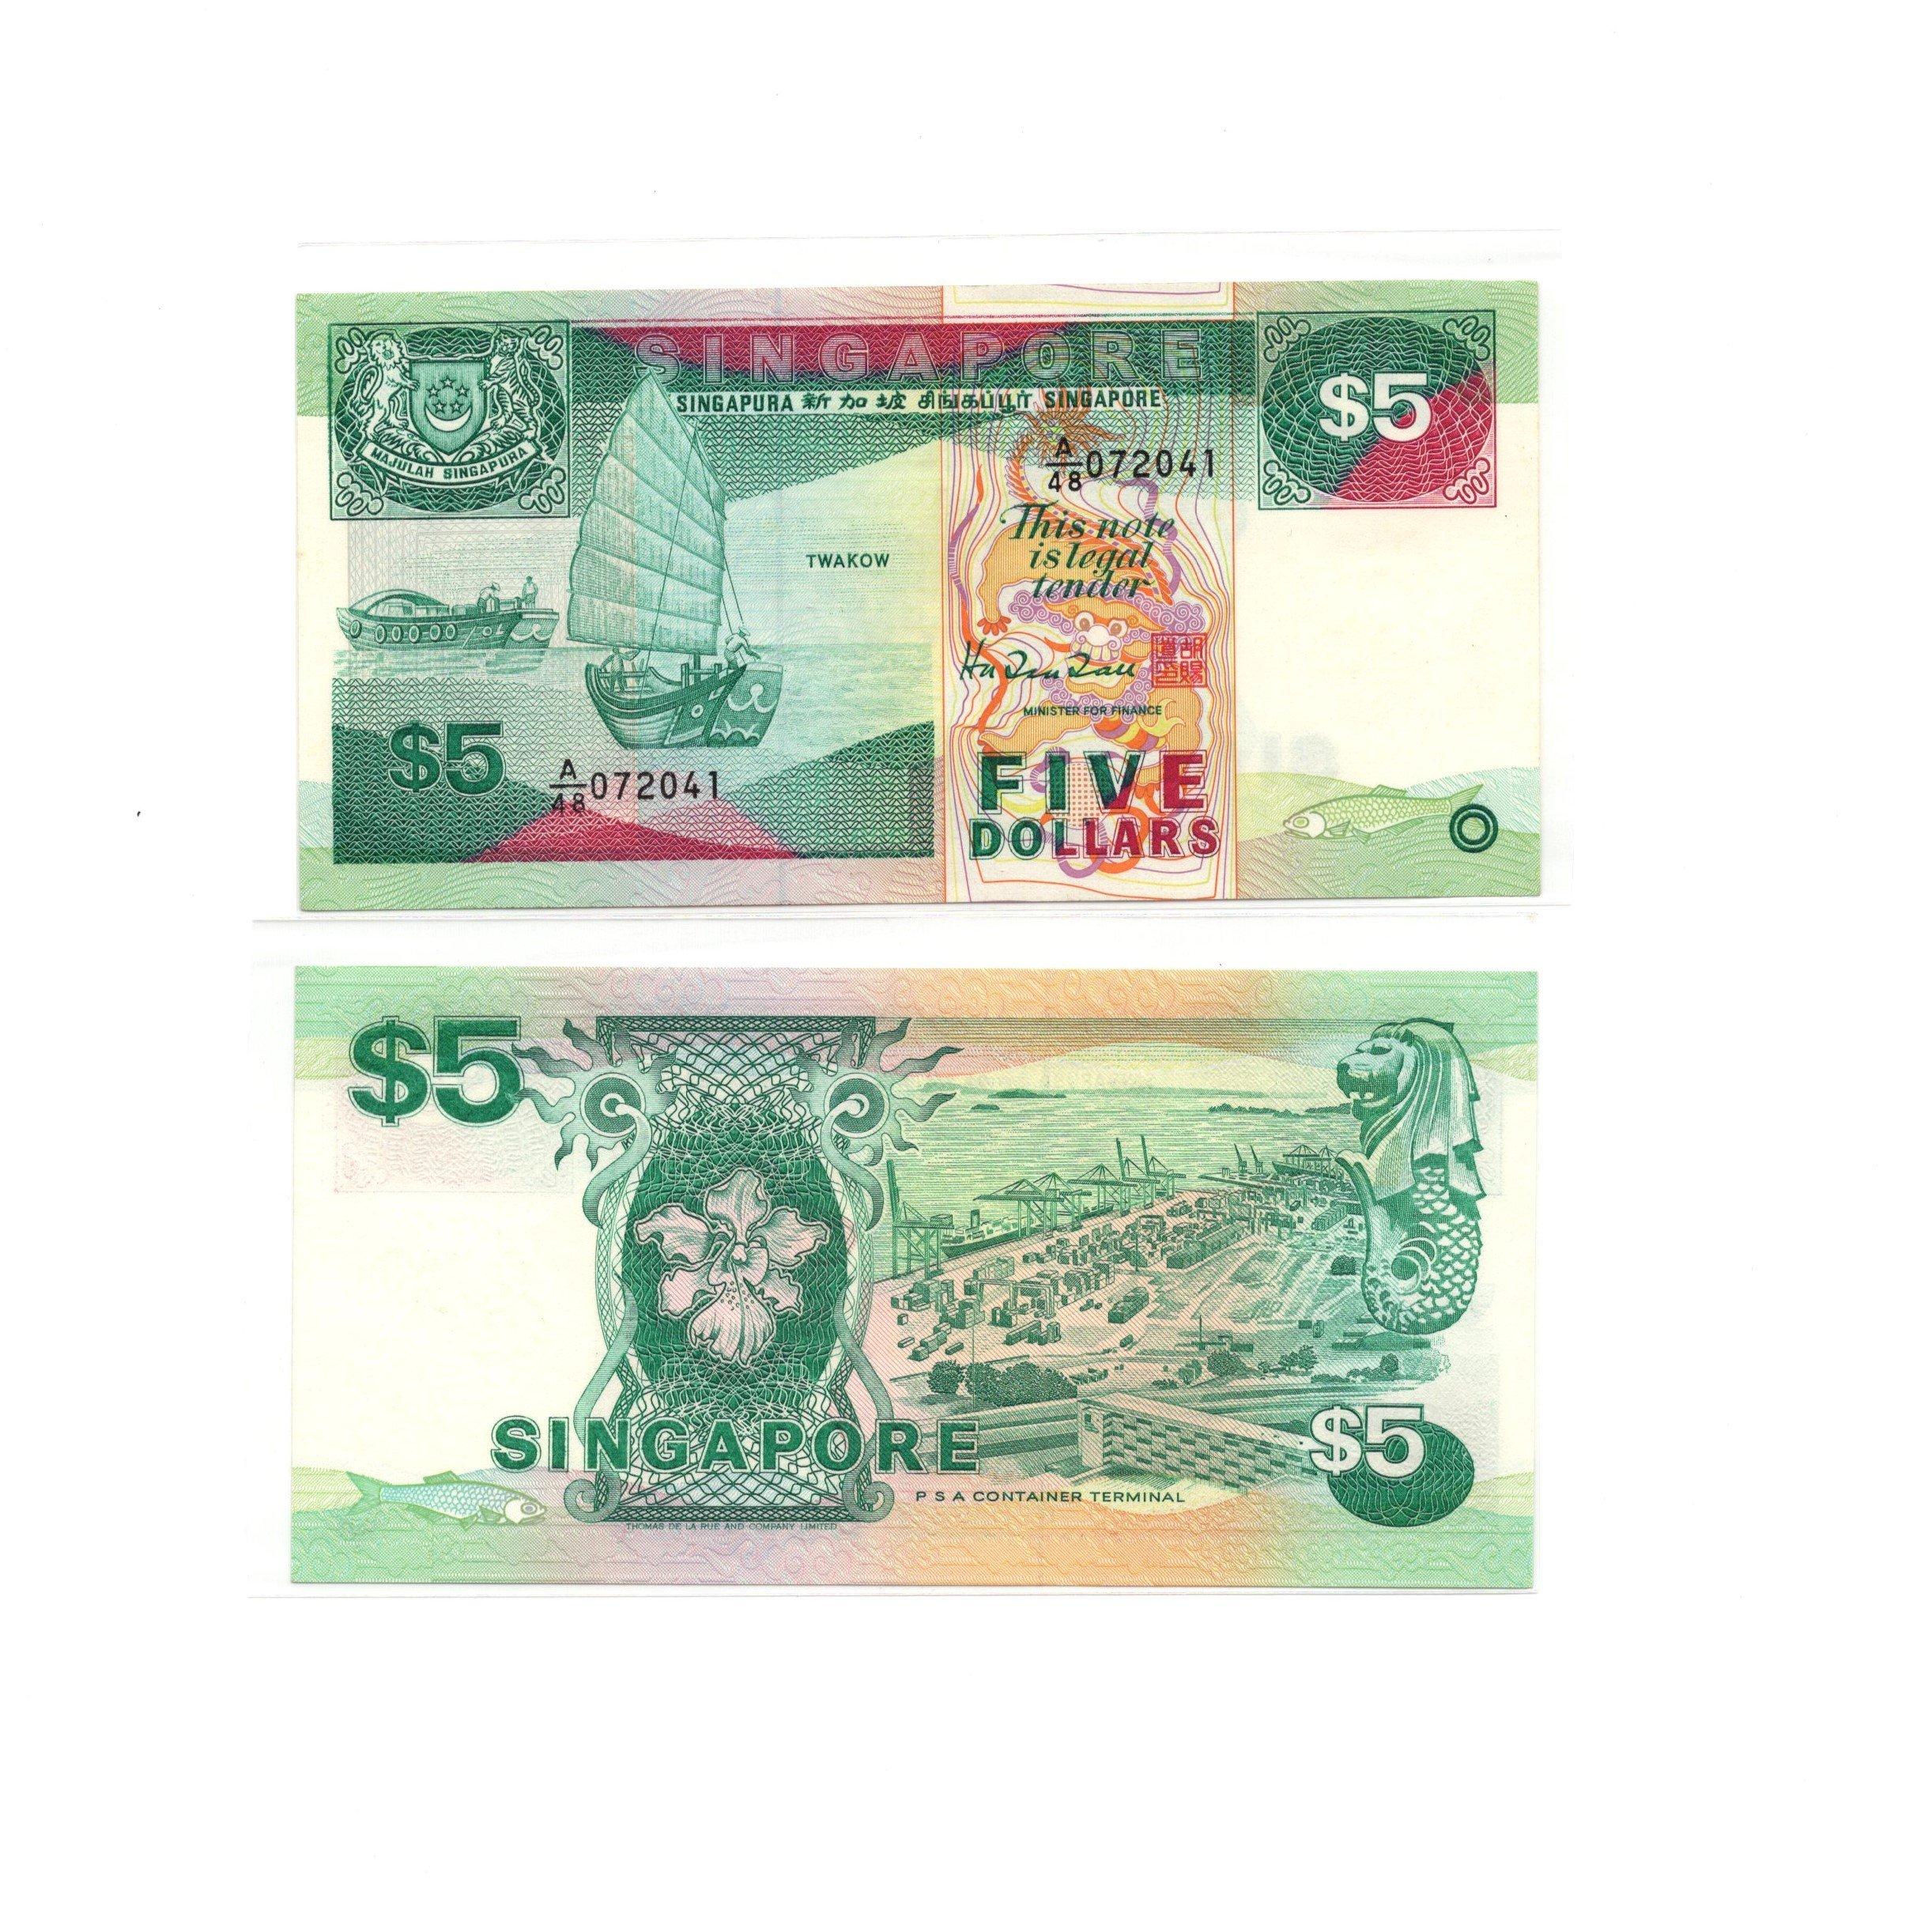 Singapore 5 dollars ship